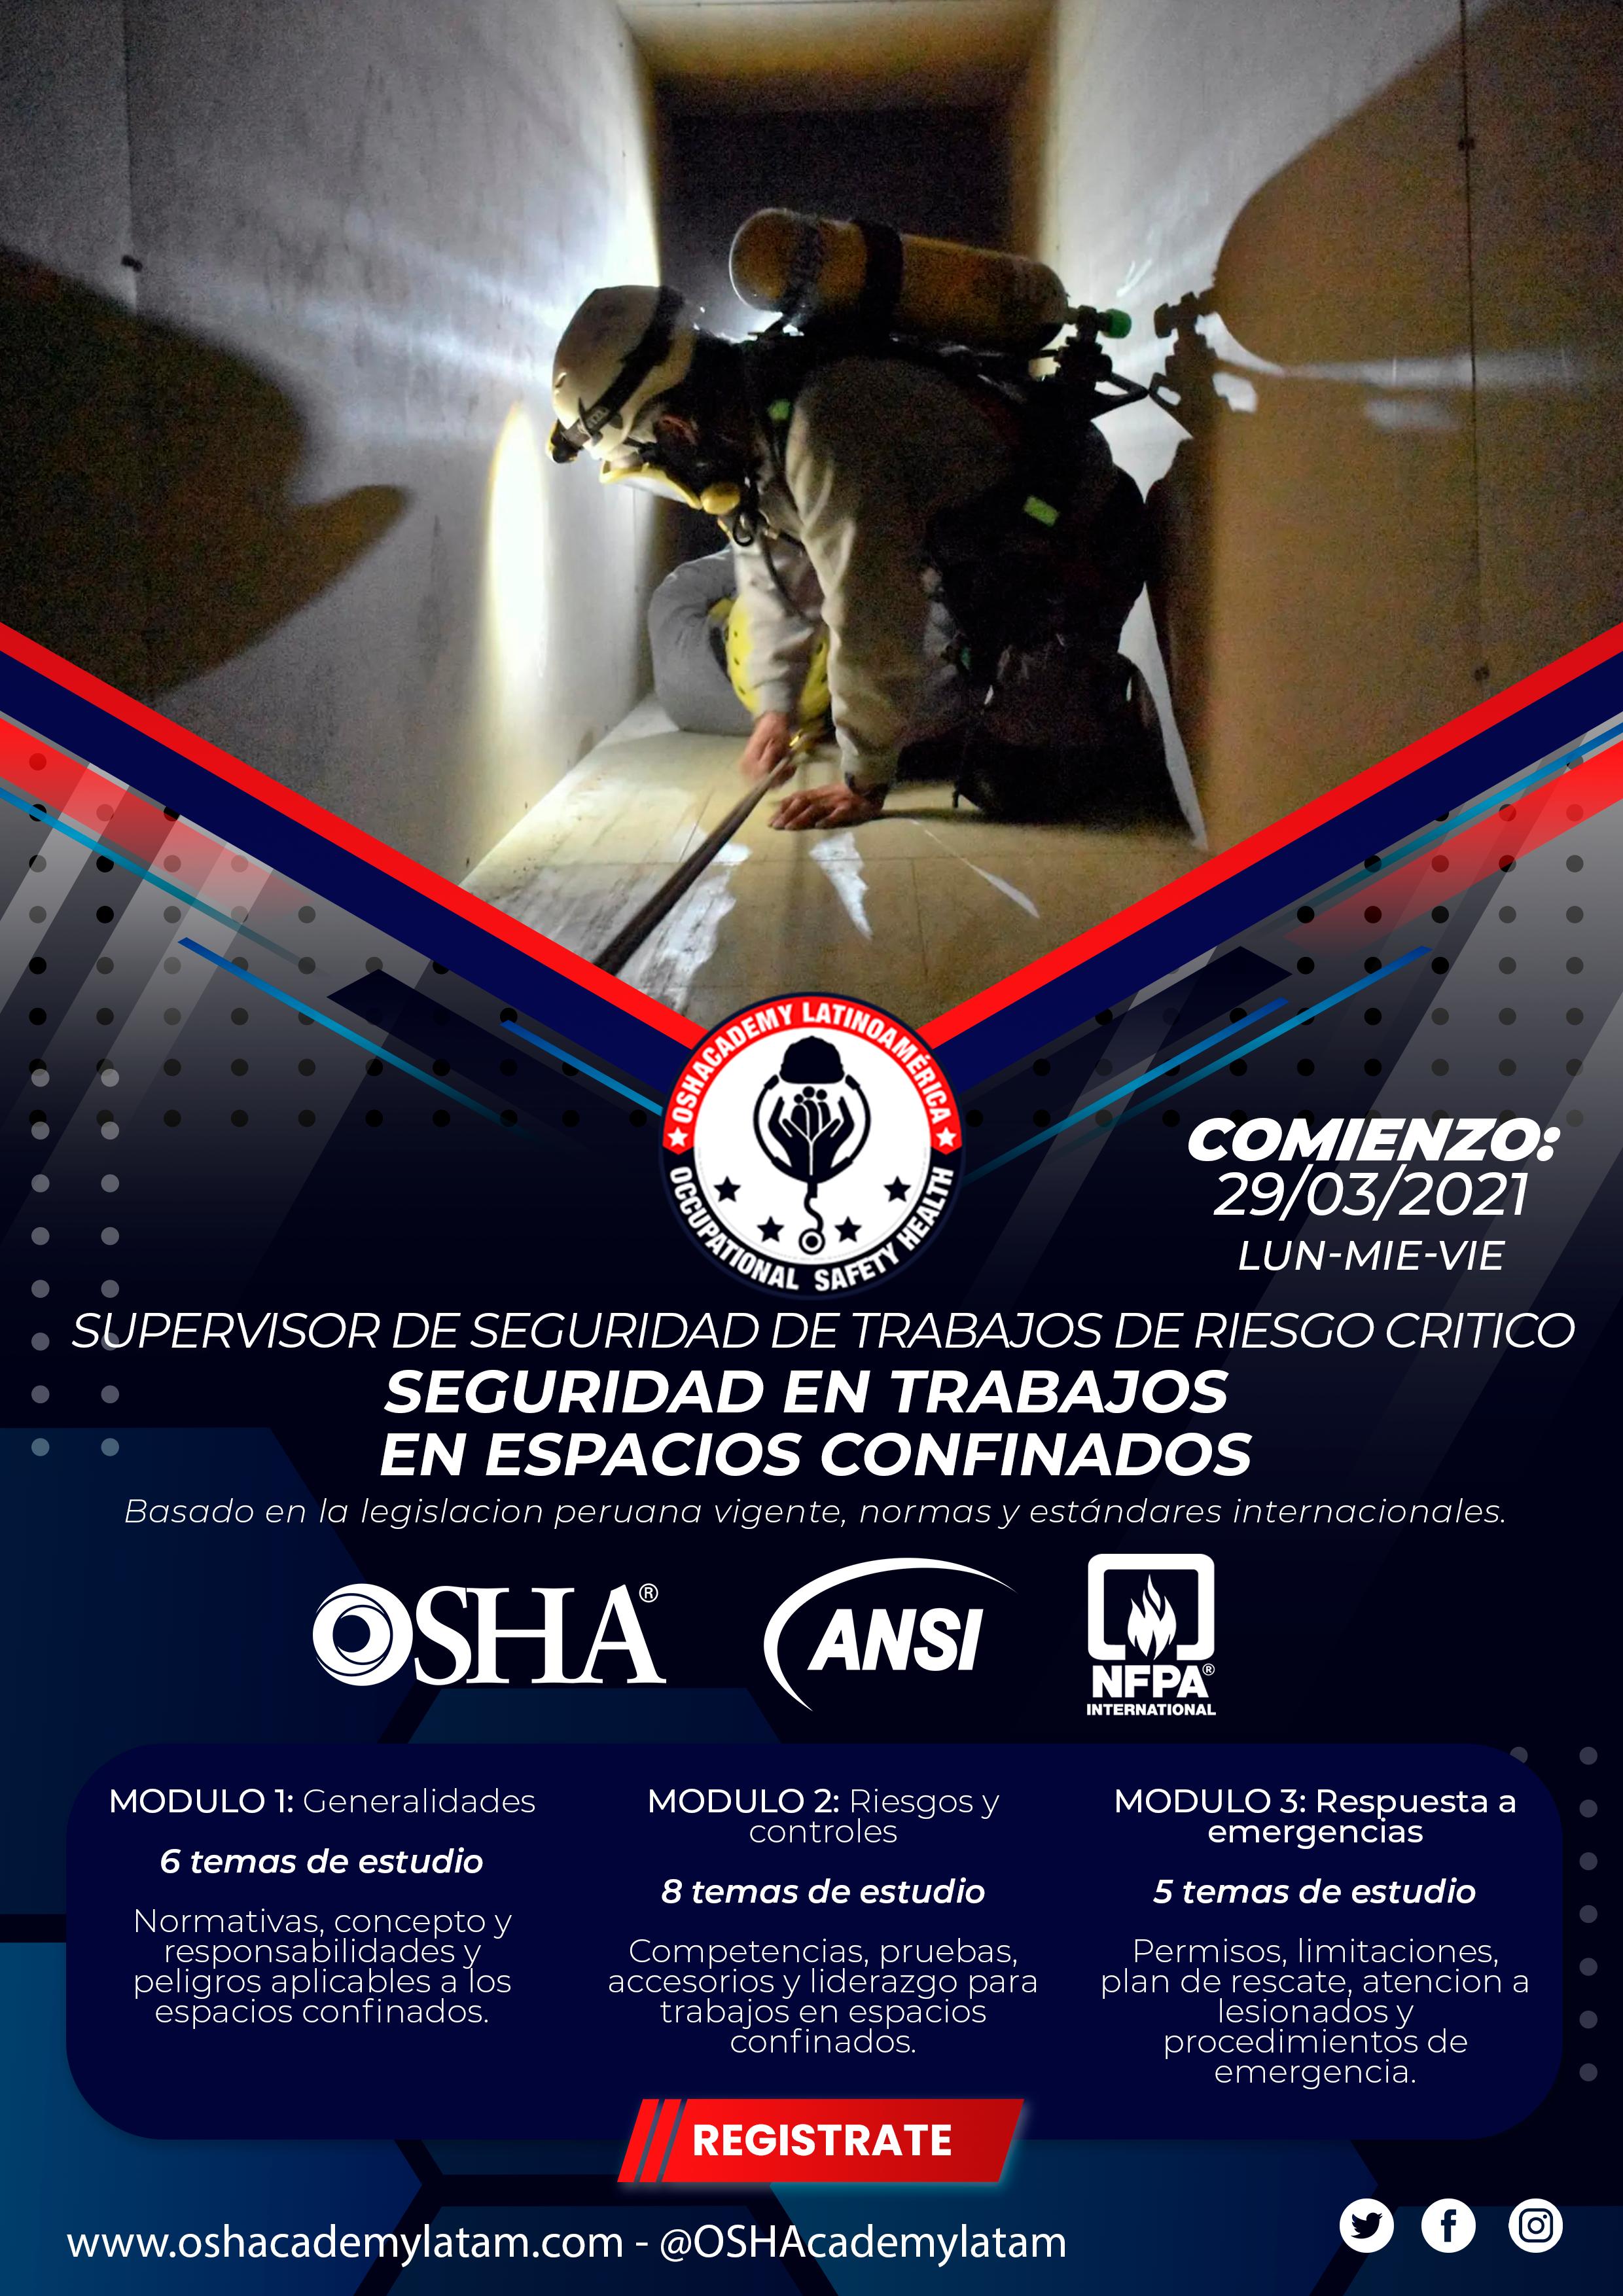 SEGURIDAD EN TRABAJOS EN ESPACIOS CONFINADOS.